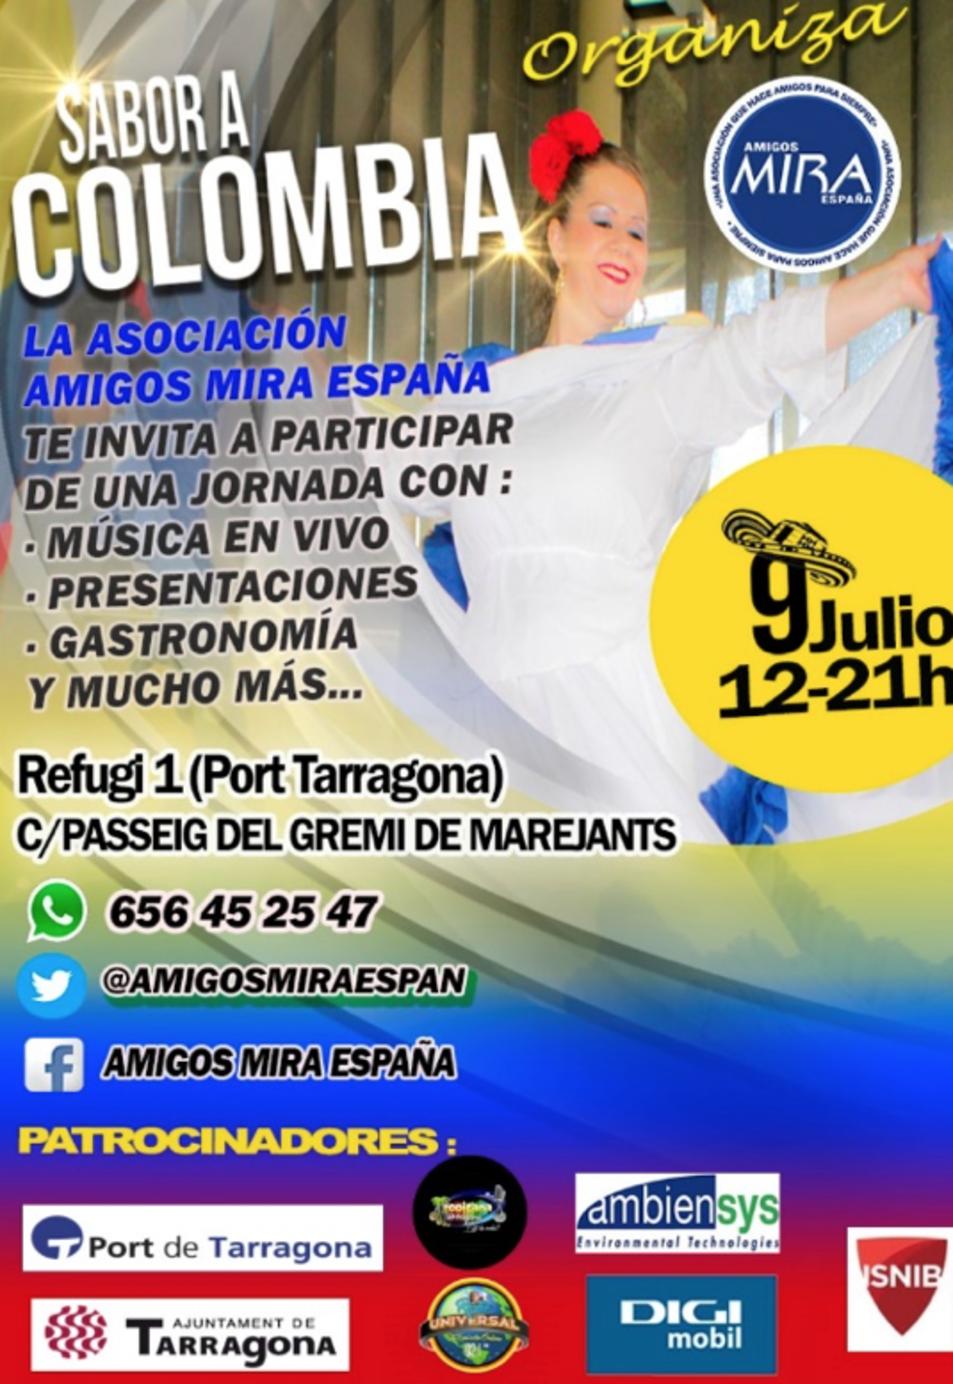 Sabor a Colombia